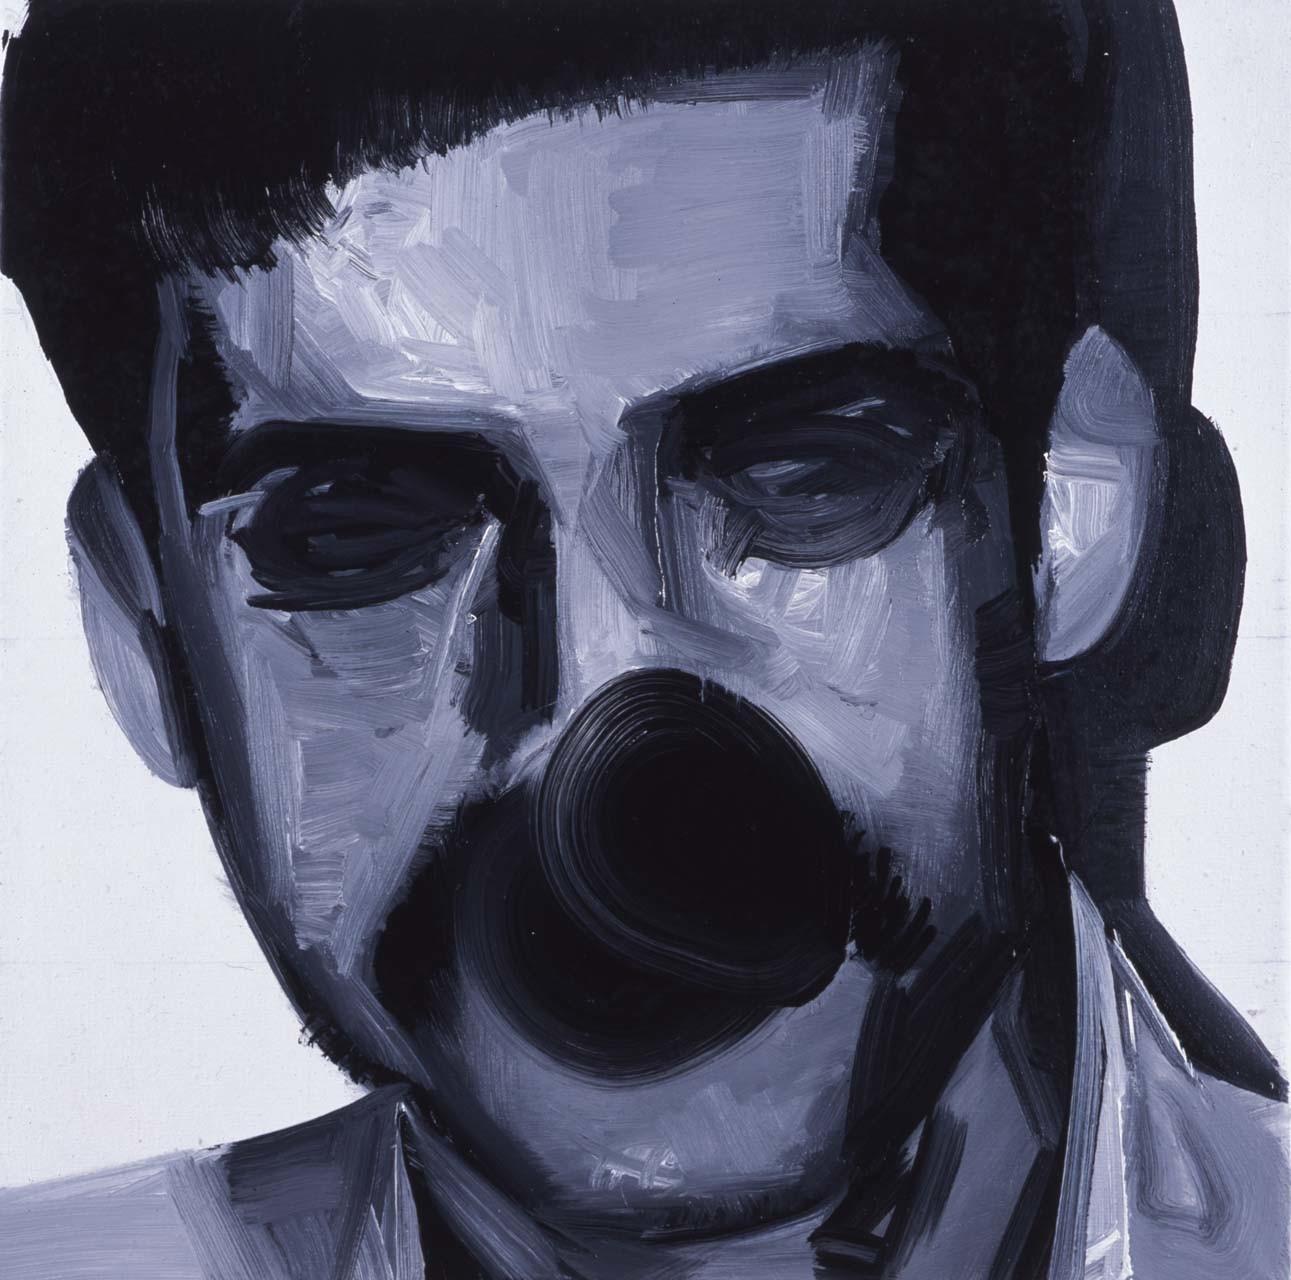 """<div class=""""artwork_caption""""><p>Arab 2, 2006</p></div>"""